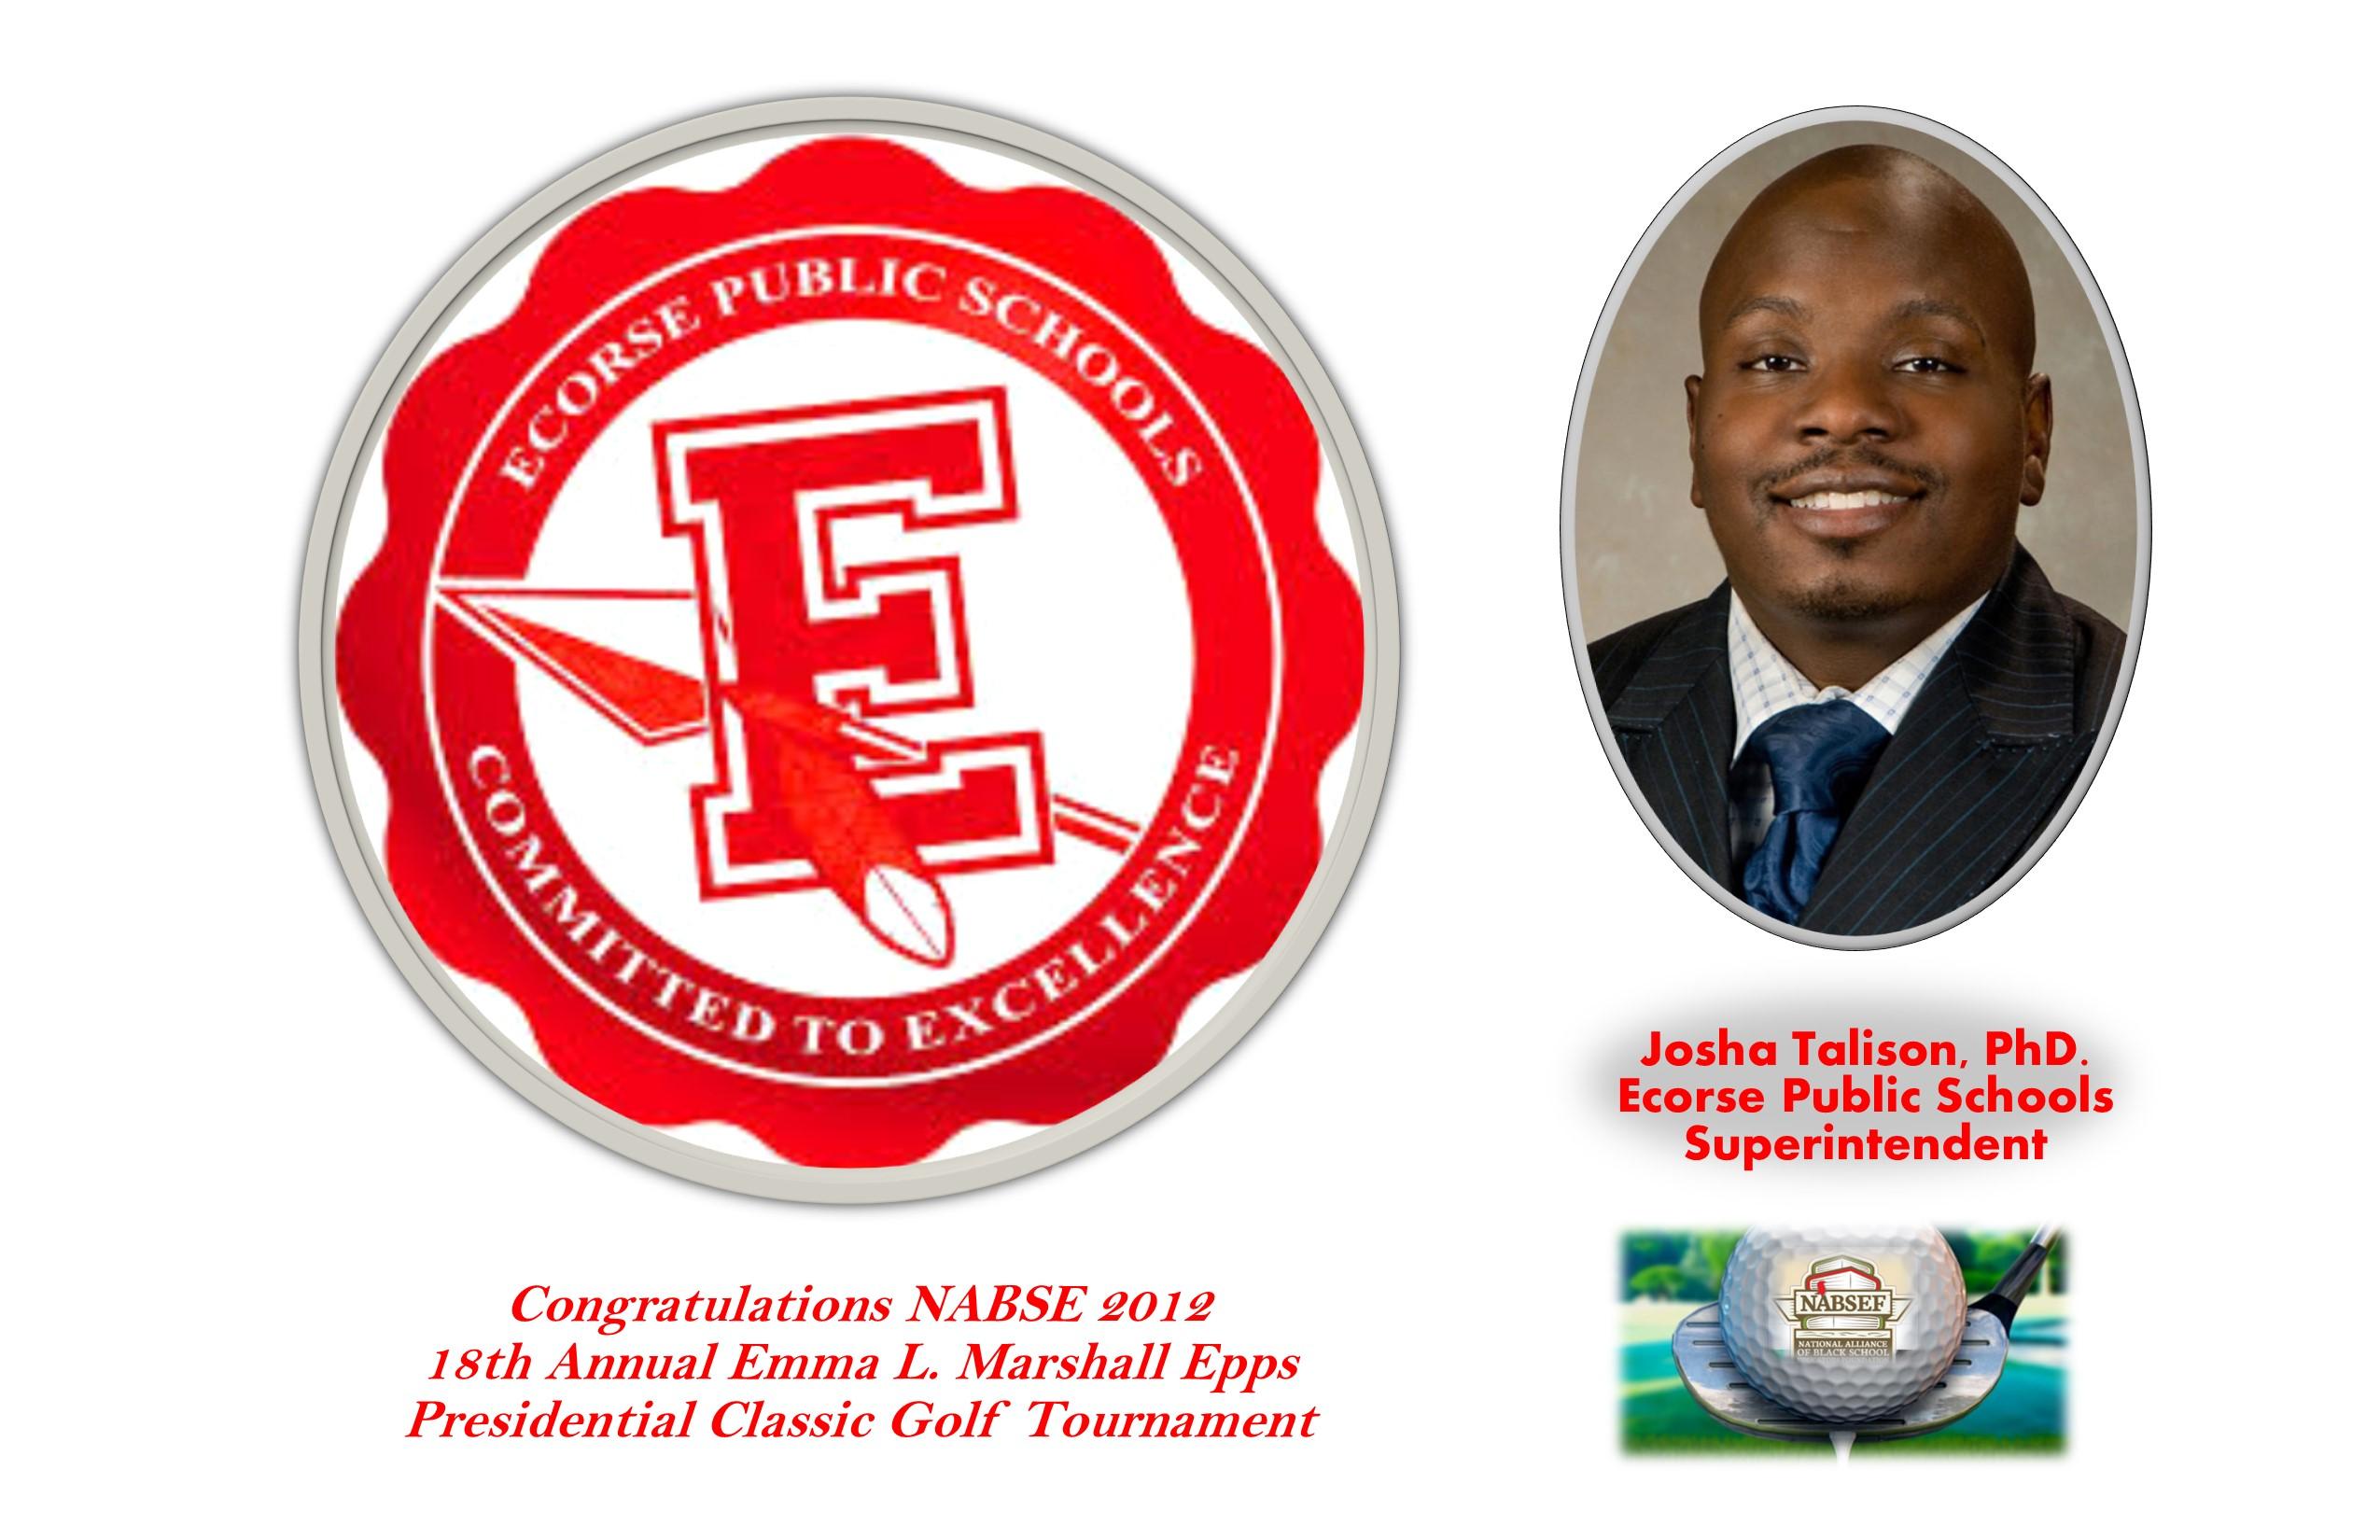 Ecorse Public Schools, Dr. Josha Tolison, Superintendent of Schools